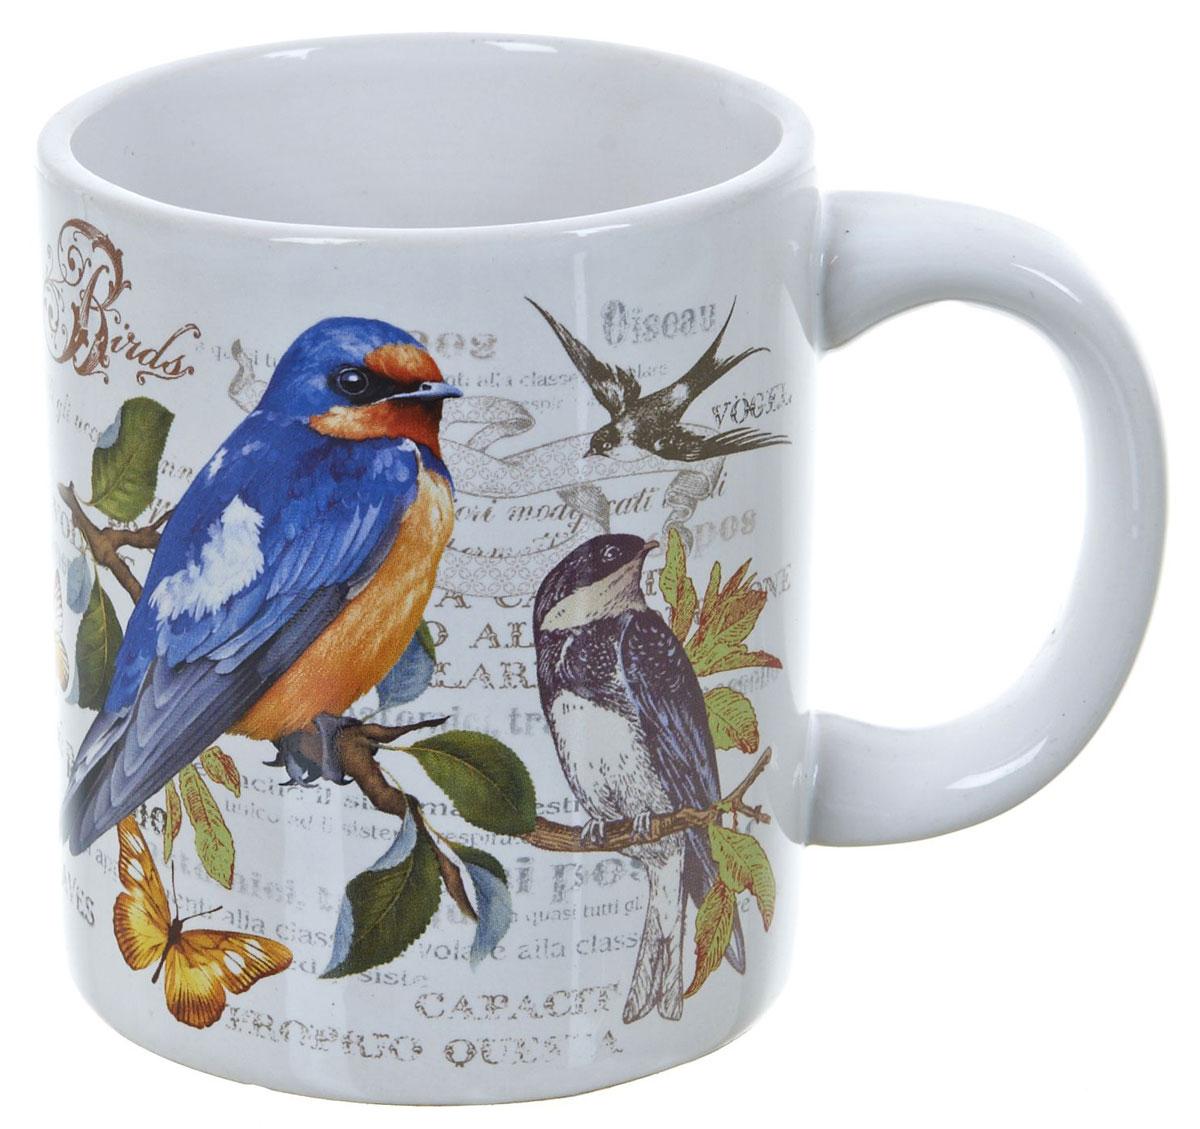 Кружка ENS Group Birds, 400 мл. L2430743391602Кружка Birds выполнена из высококачественной керамики и декорирована ярким рисунком с изображением птиц.Кружка сочетает в себе оригинальный дизайн и функциональность. Благодаря такой кружке пить напитки будет еще вкуснее. Упакована в подарочную упаковку, благодаря чему может послужить отличным подарком родным и близким!